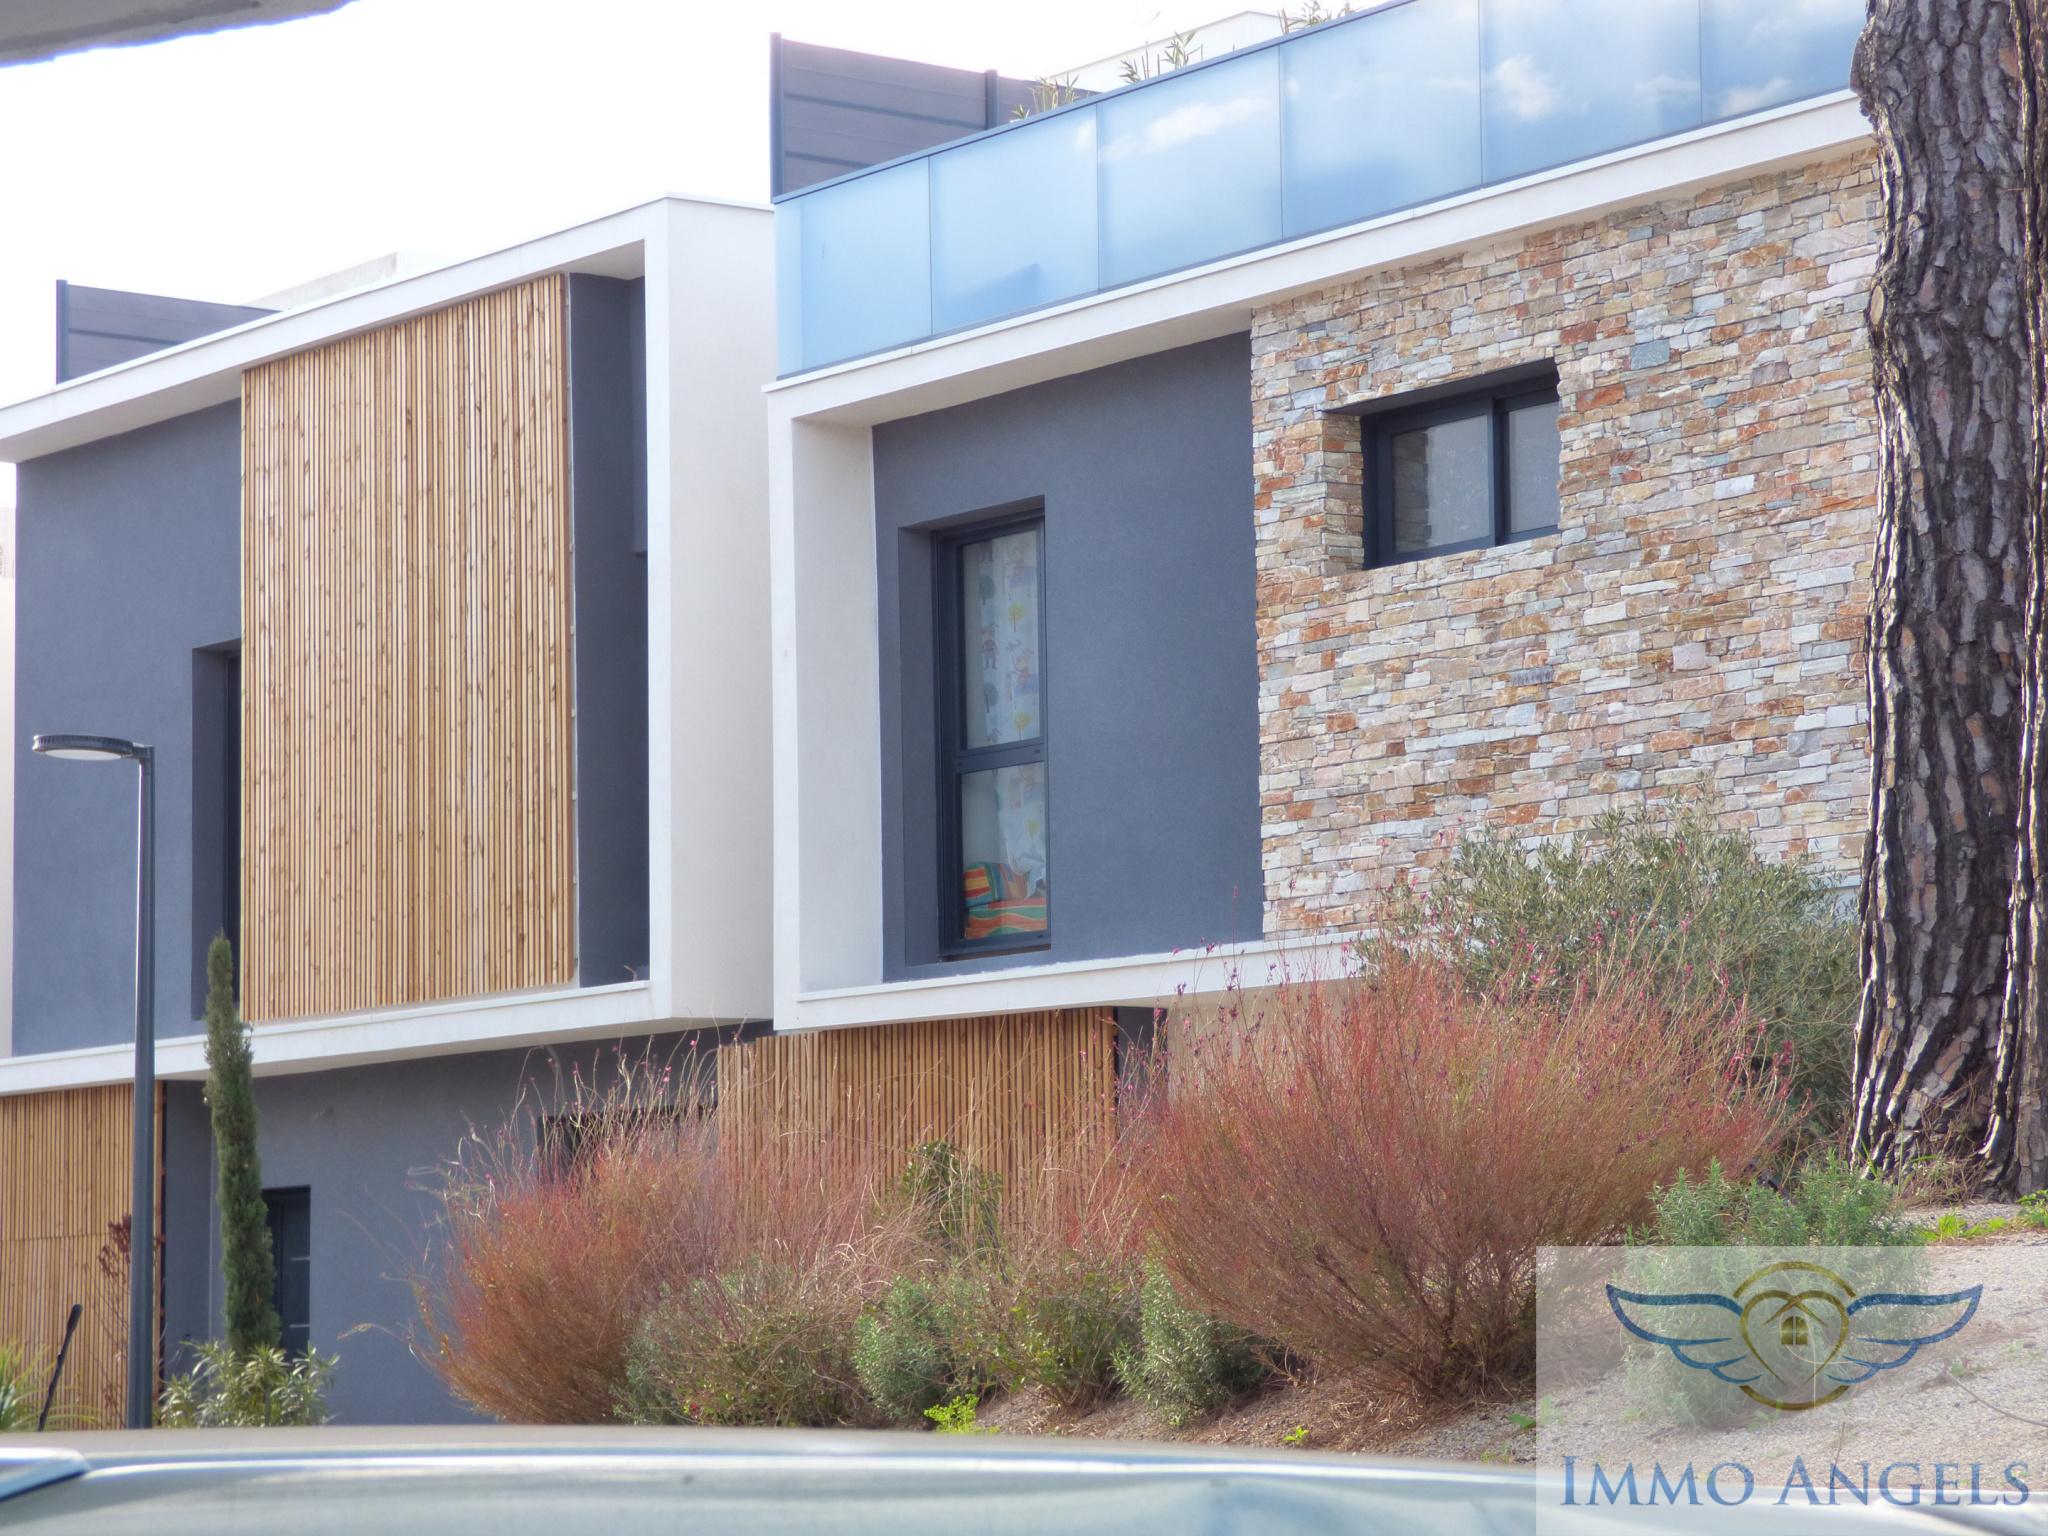 vente Montpellier Maison d'architecte T5 130m² avec jardin et garage. En ville, belles ...